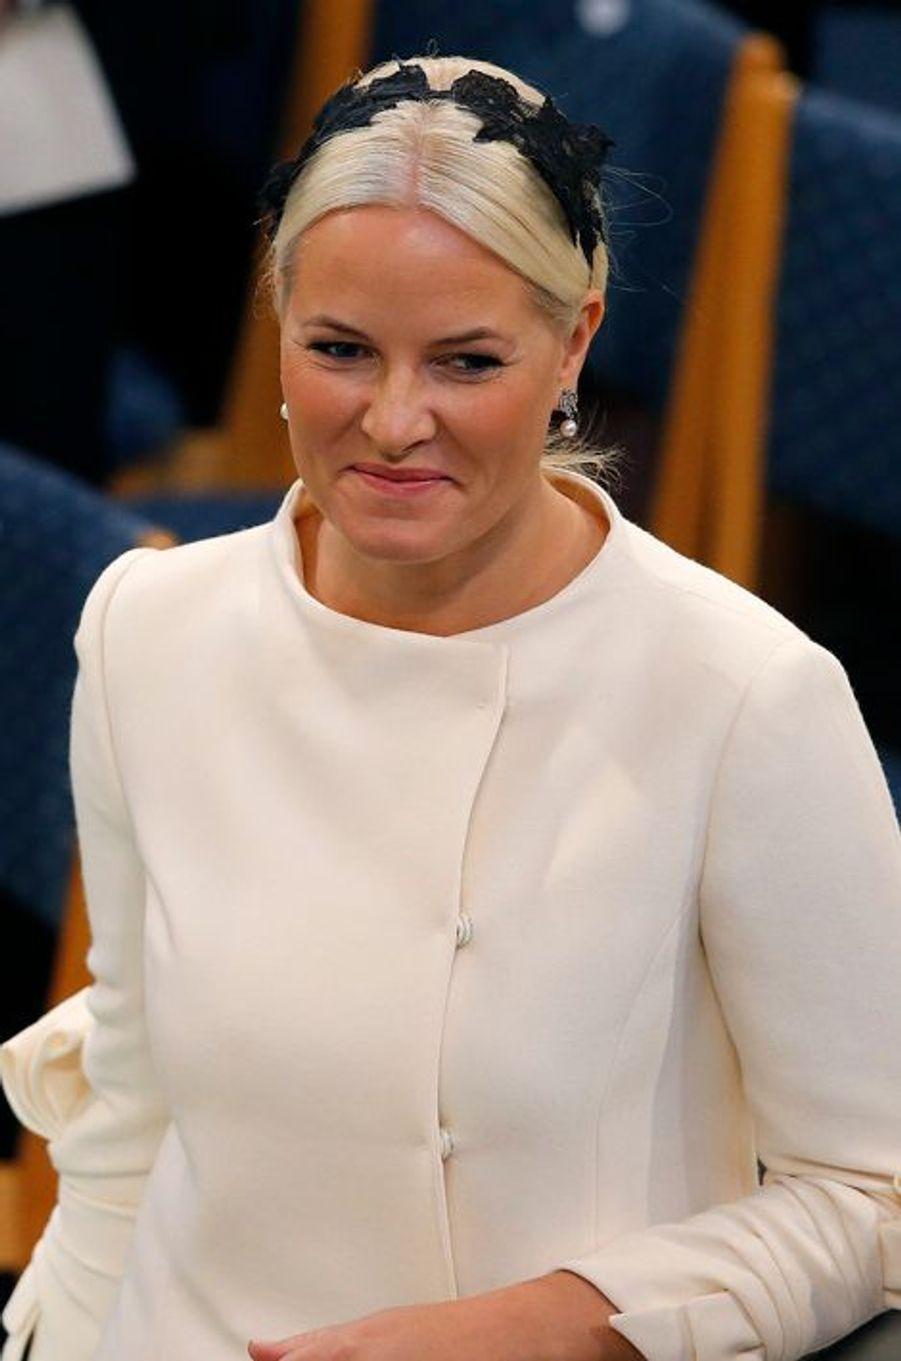 La princesse Mette-Marit à la remise du prix Nobel de la Paix à Oslo le 10 décembre 2014